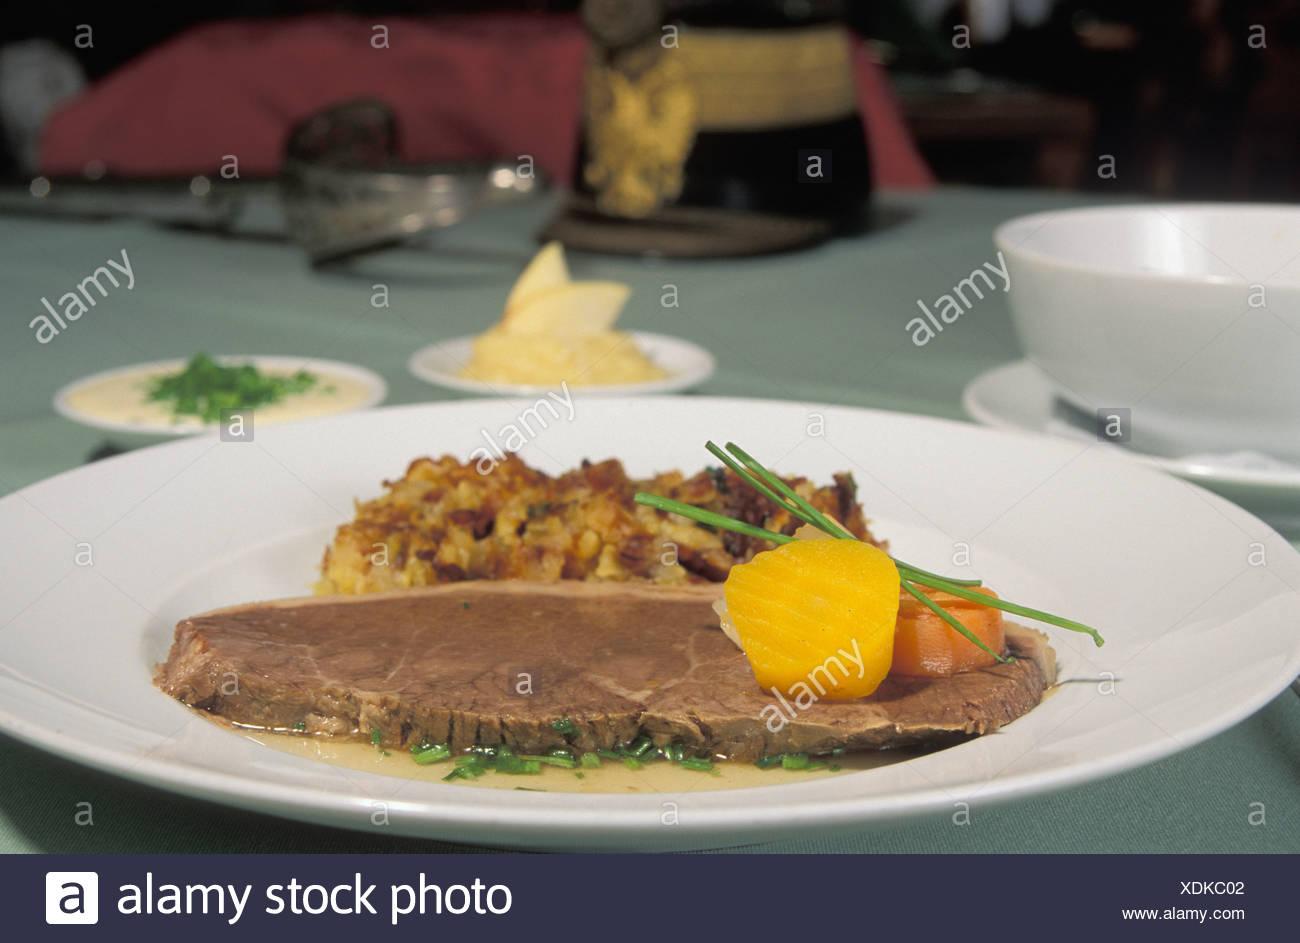 The Viennese Kitchen